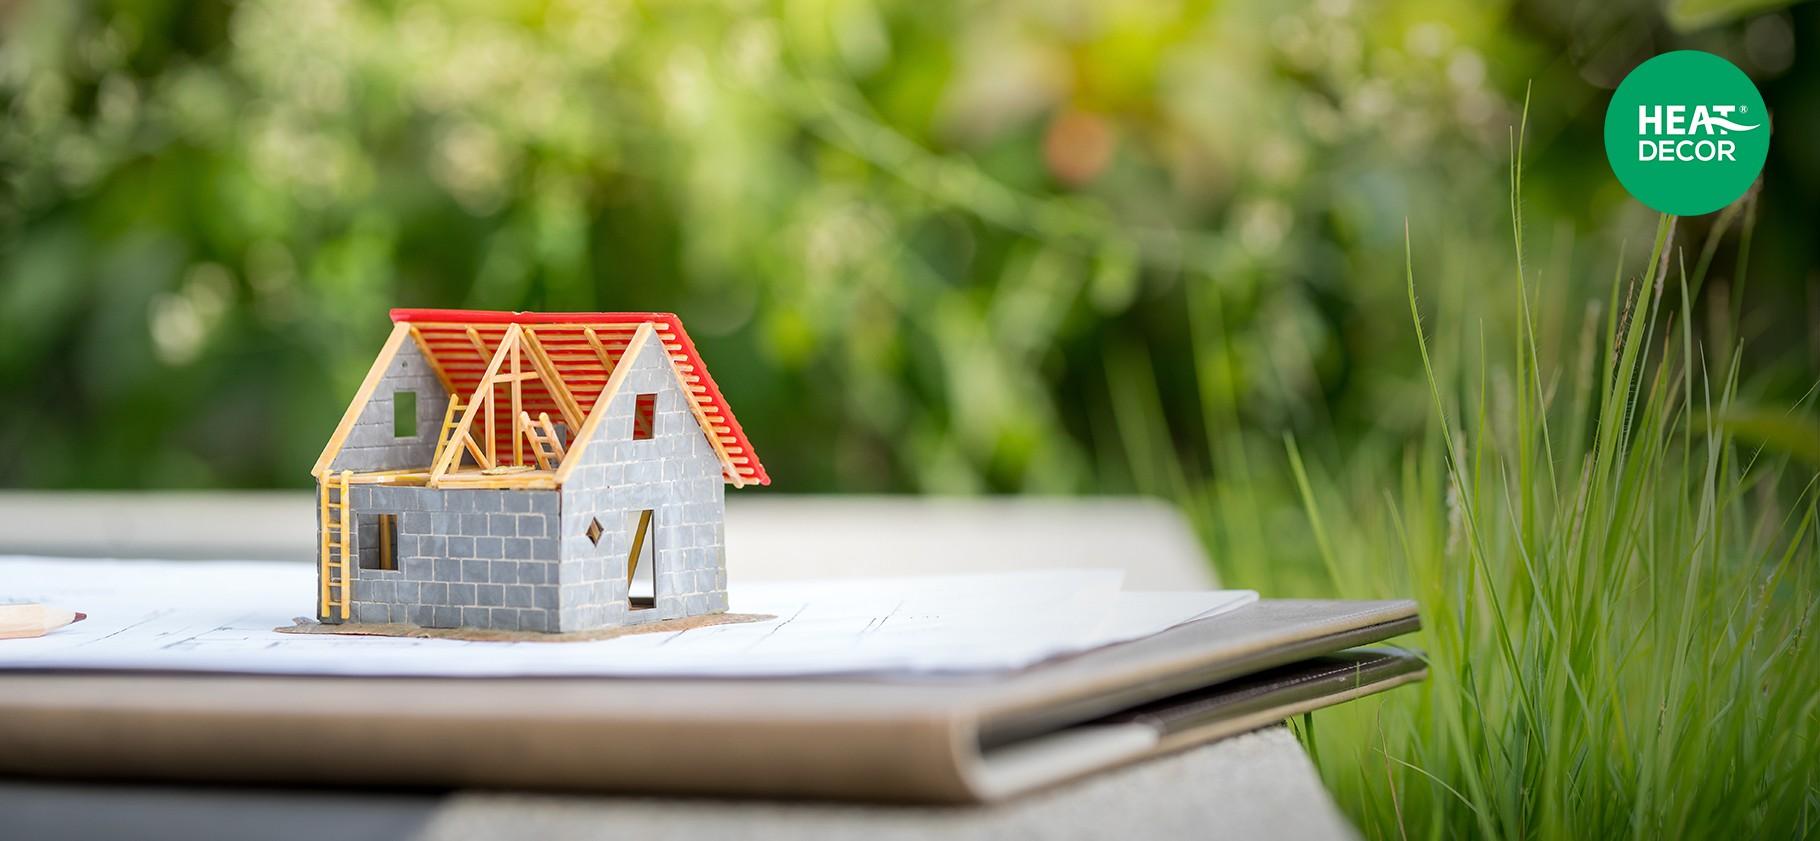 Warunki techniczne 2021 i ogrzewanie elektryczne domu